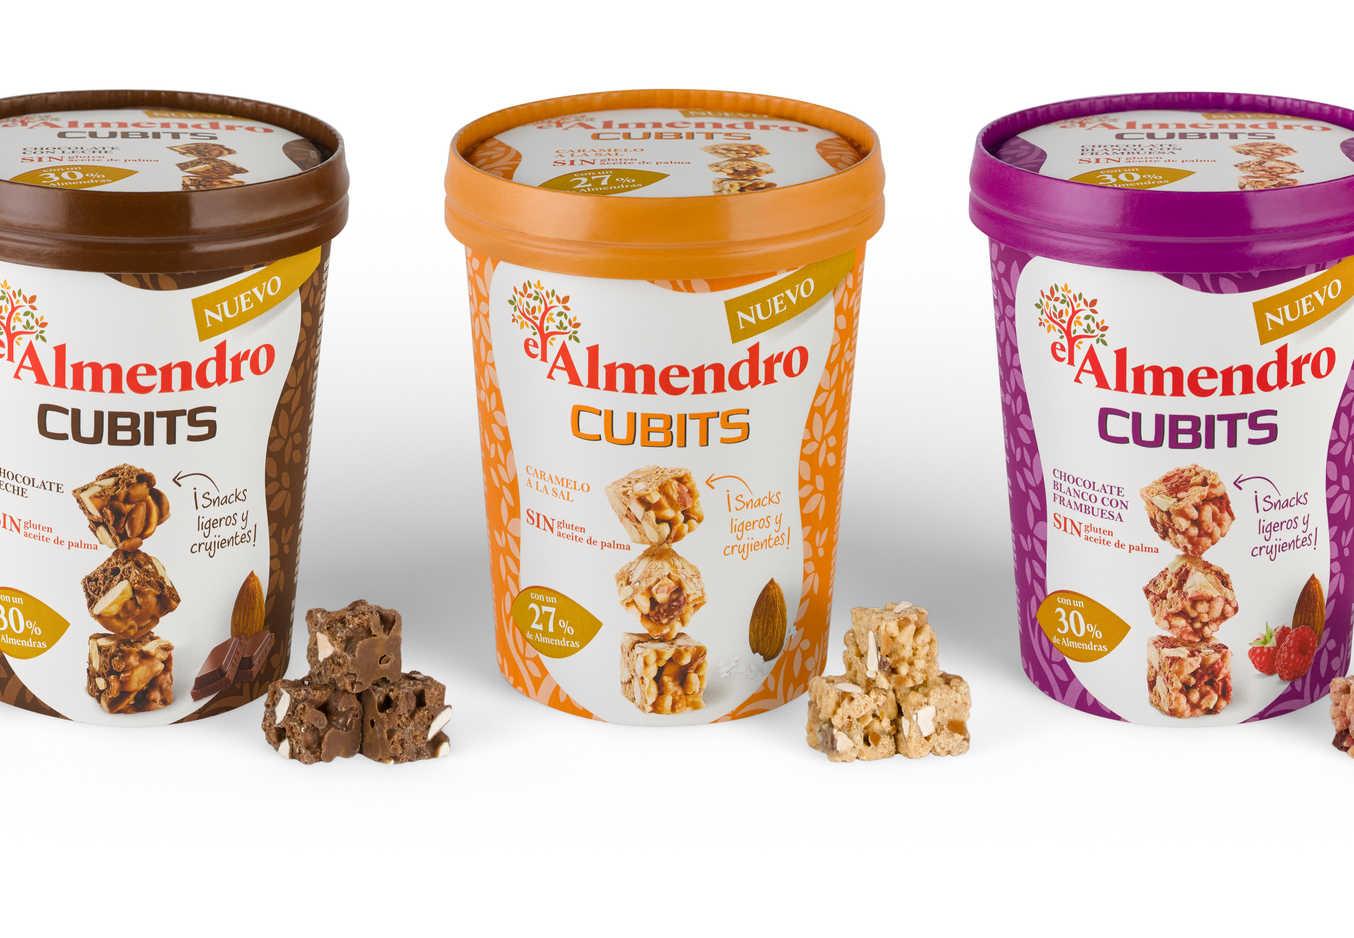 El Almendro inicia una nueva campaña para apoyar sus Cubits